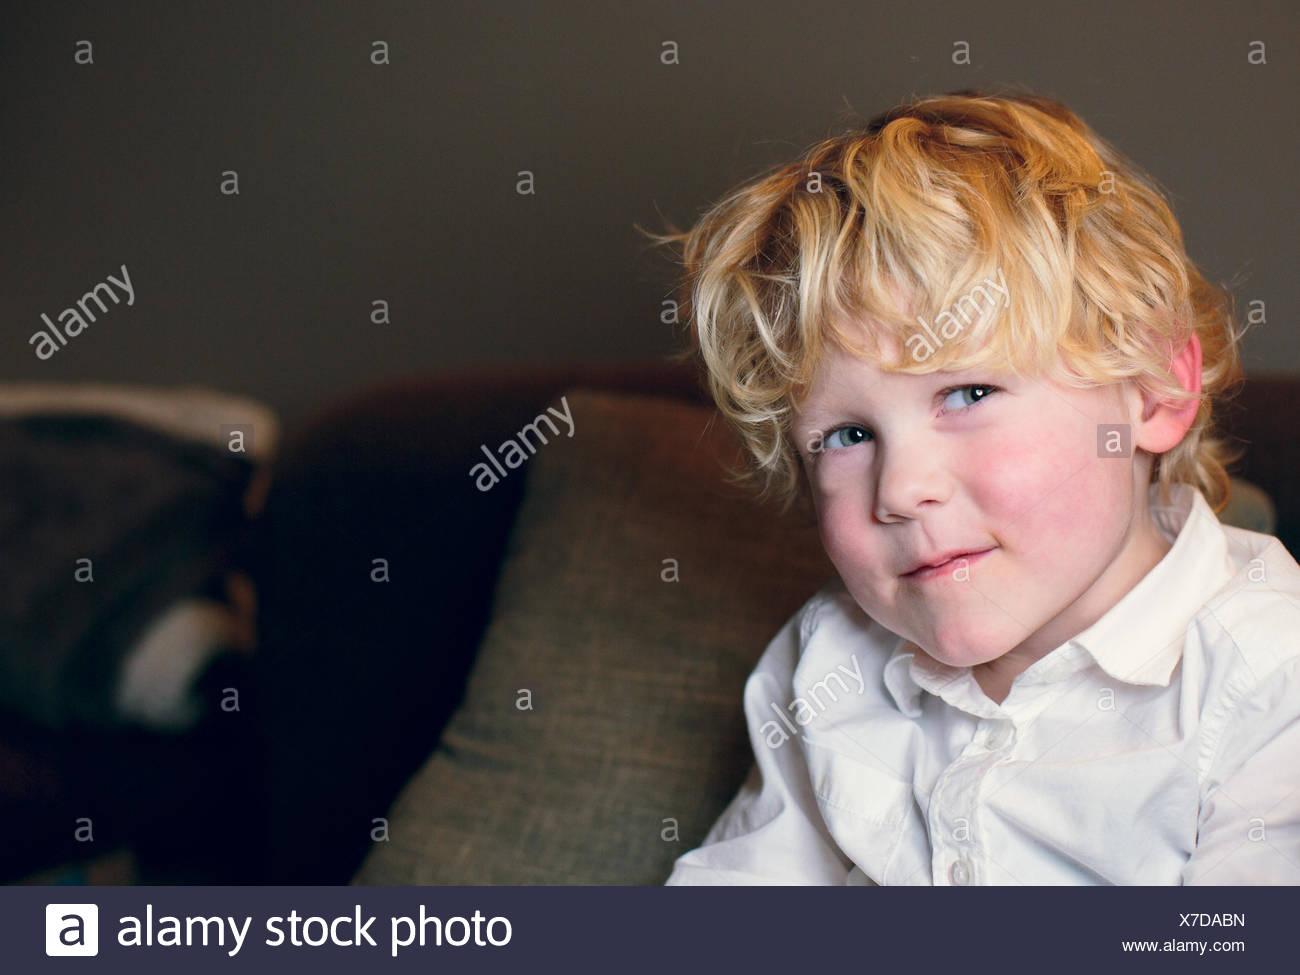 Paesi Bassi, ragazzo biondo (4-5) in camicia bianca sorridente Immagini Stock